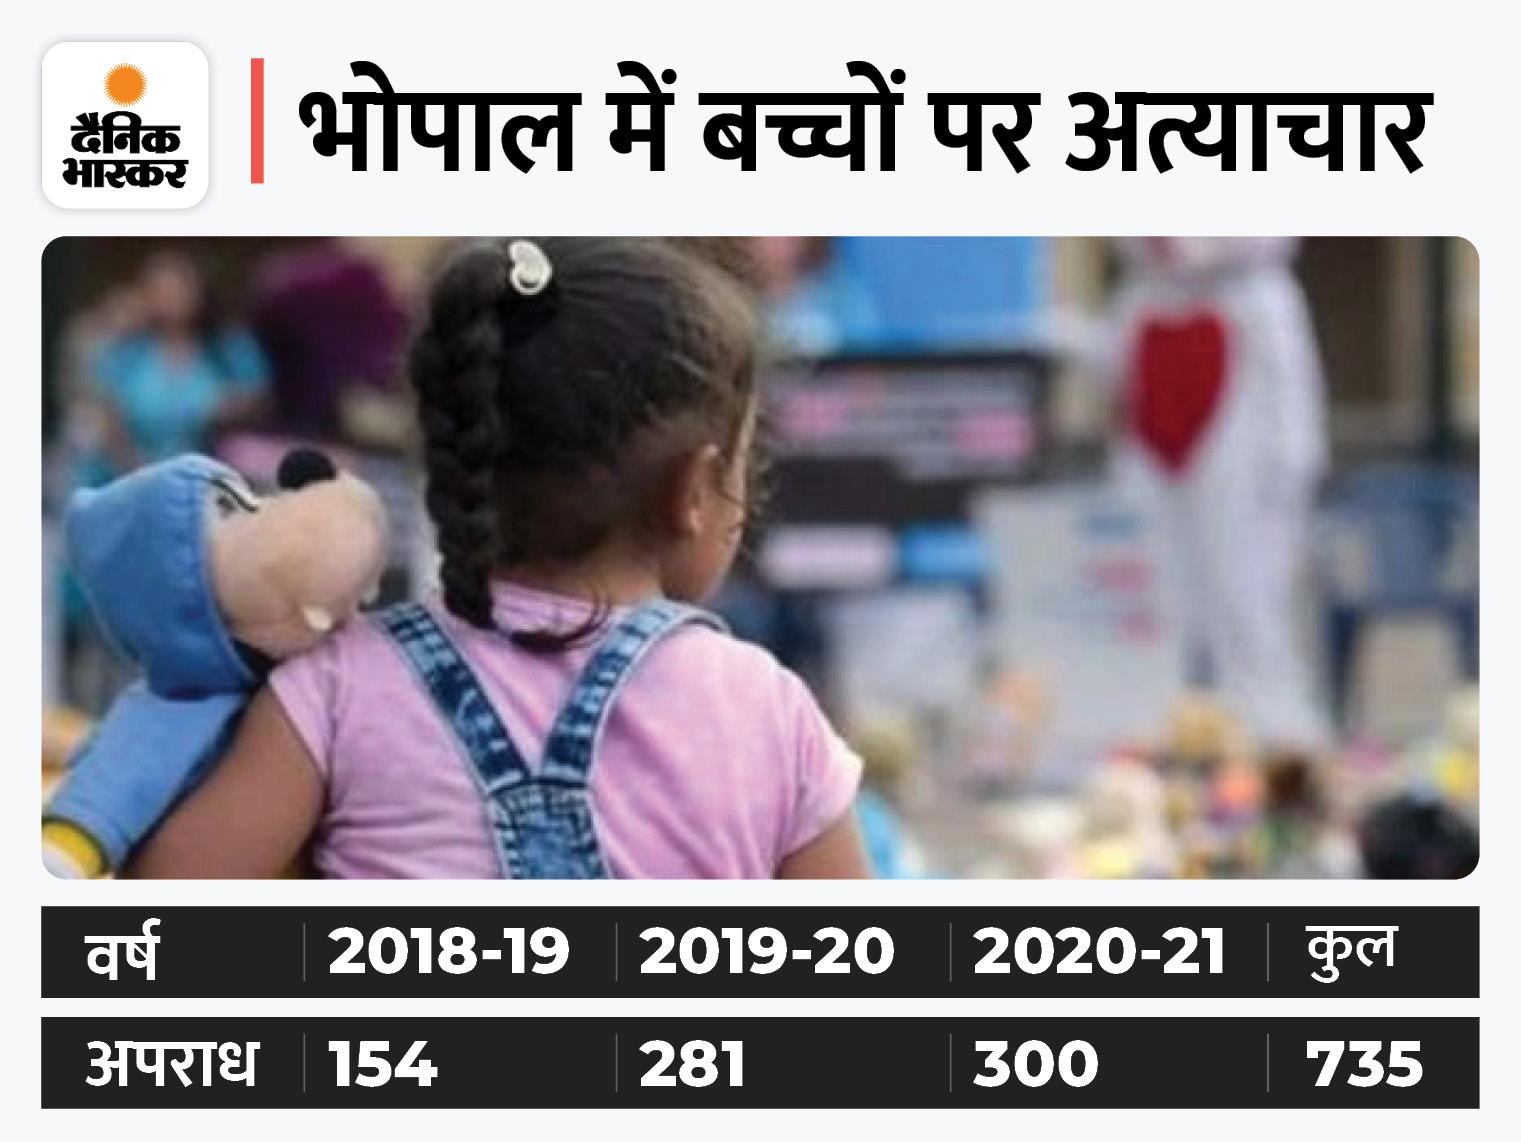 हर दिन एक मासूम हिंसा का शिकार हो रहा, दो साल में दोगुना केस बढ़े; लॉकडाउन के दौरान ज्यादा मामले सामने आए भोपाल,Bhopal - Dainik Bhaskar